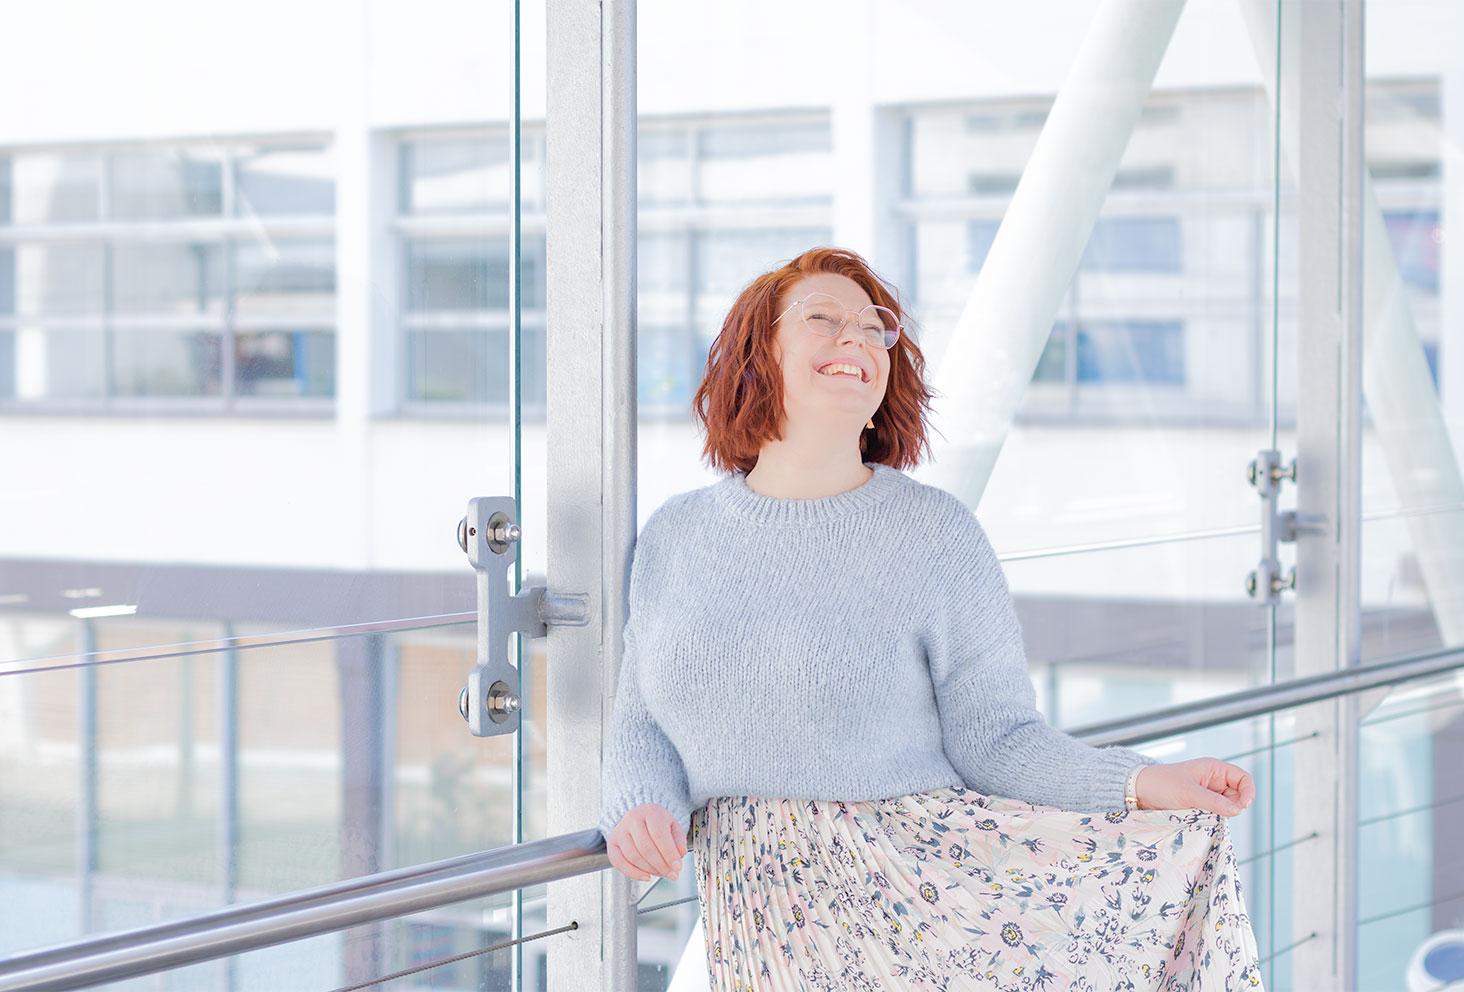 Zoom sur le pull court bleu clair porté avec une jupe pastel, appuyée le long des vitres d'une passerelle, avec le sourire